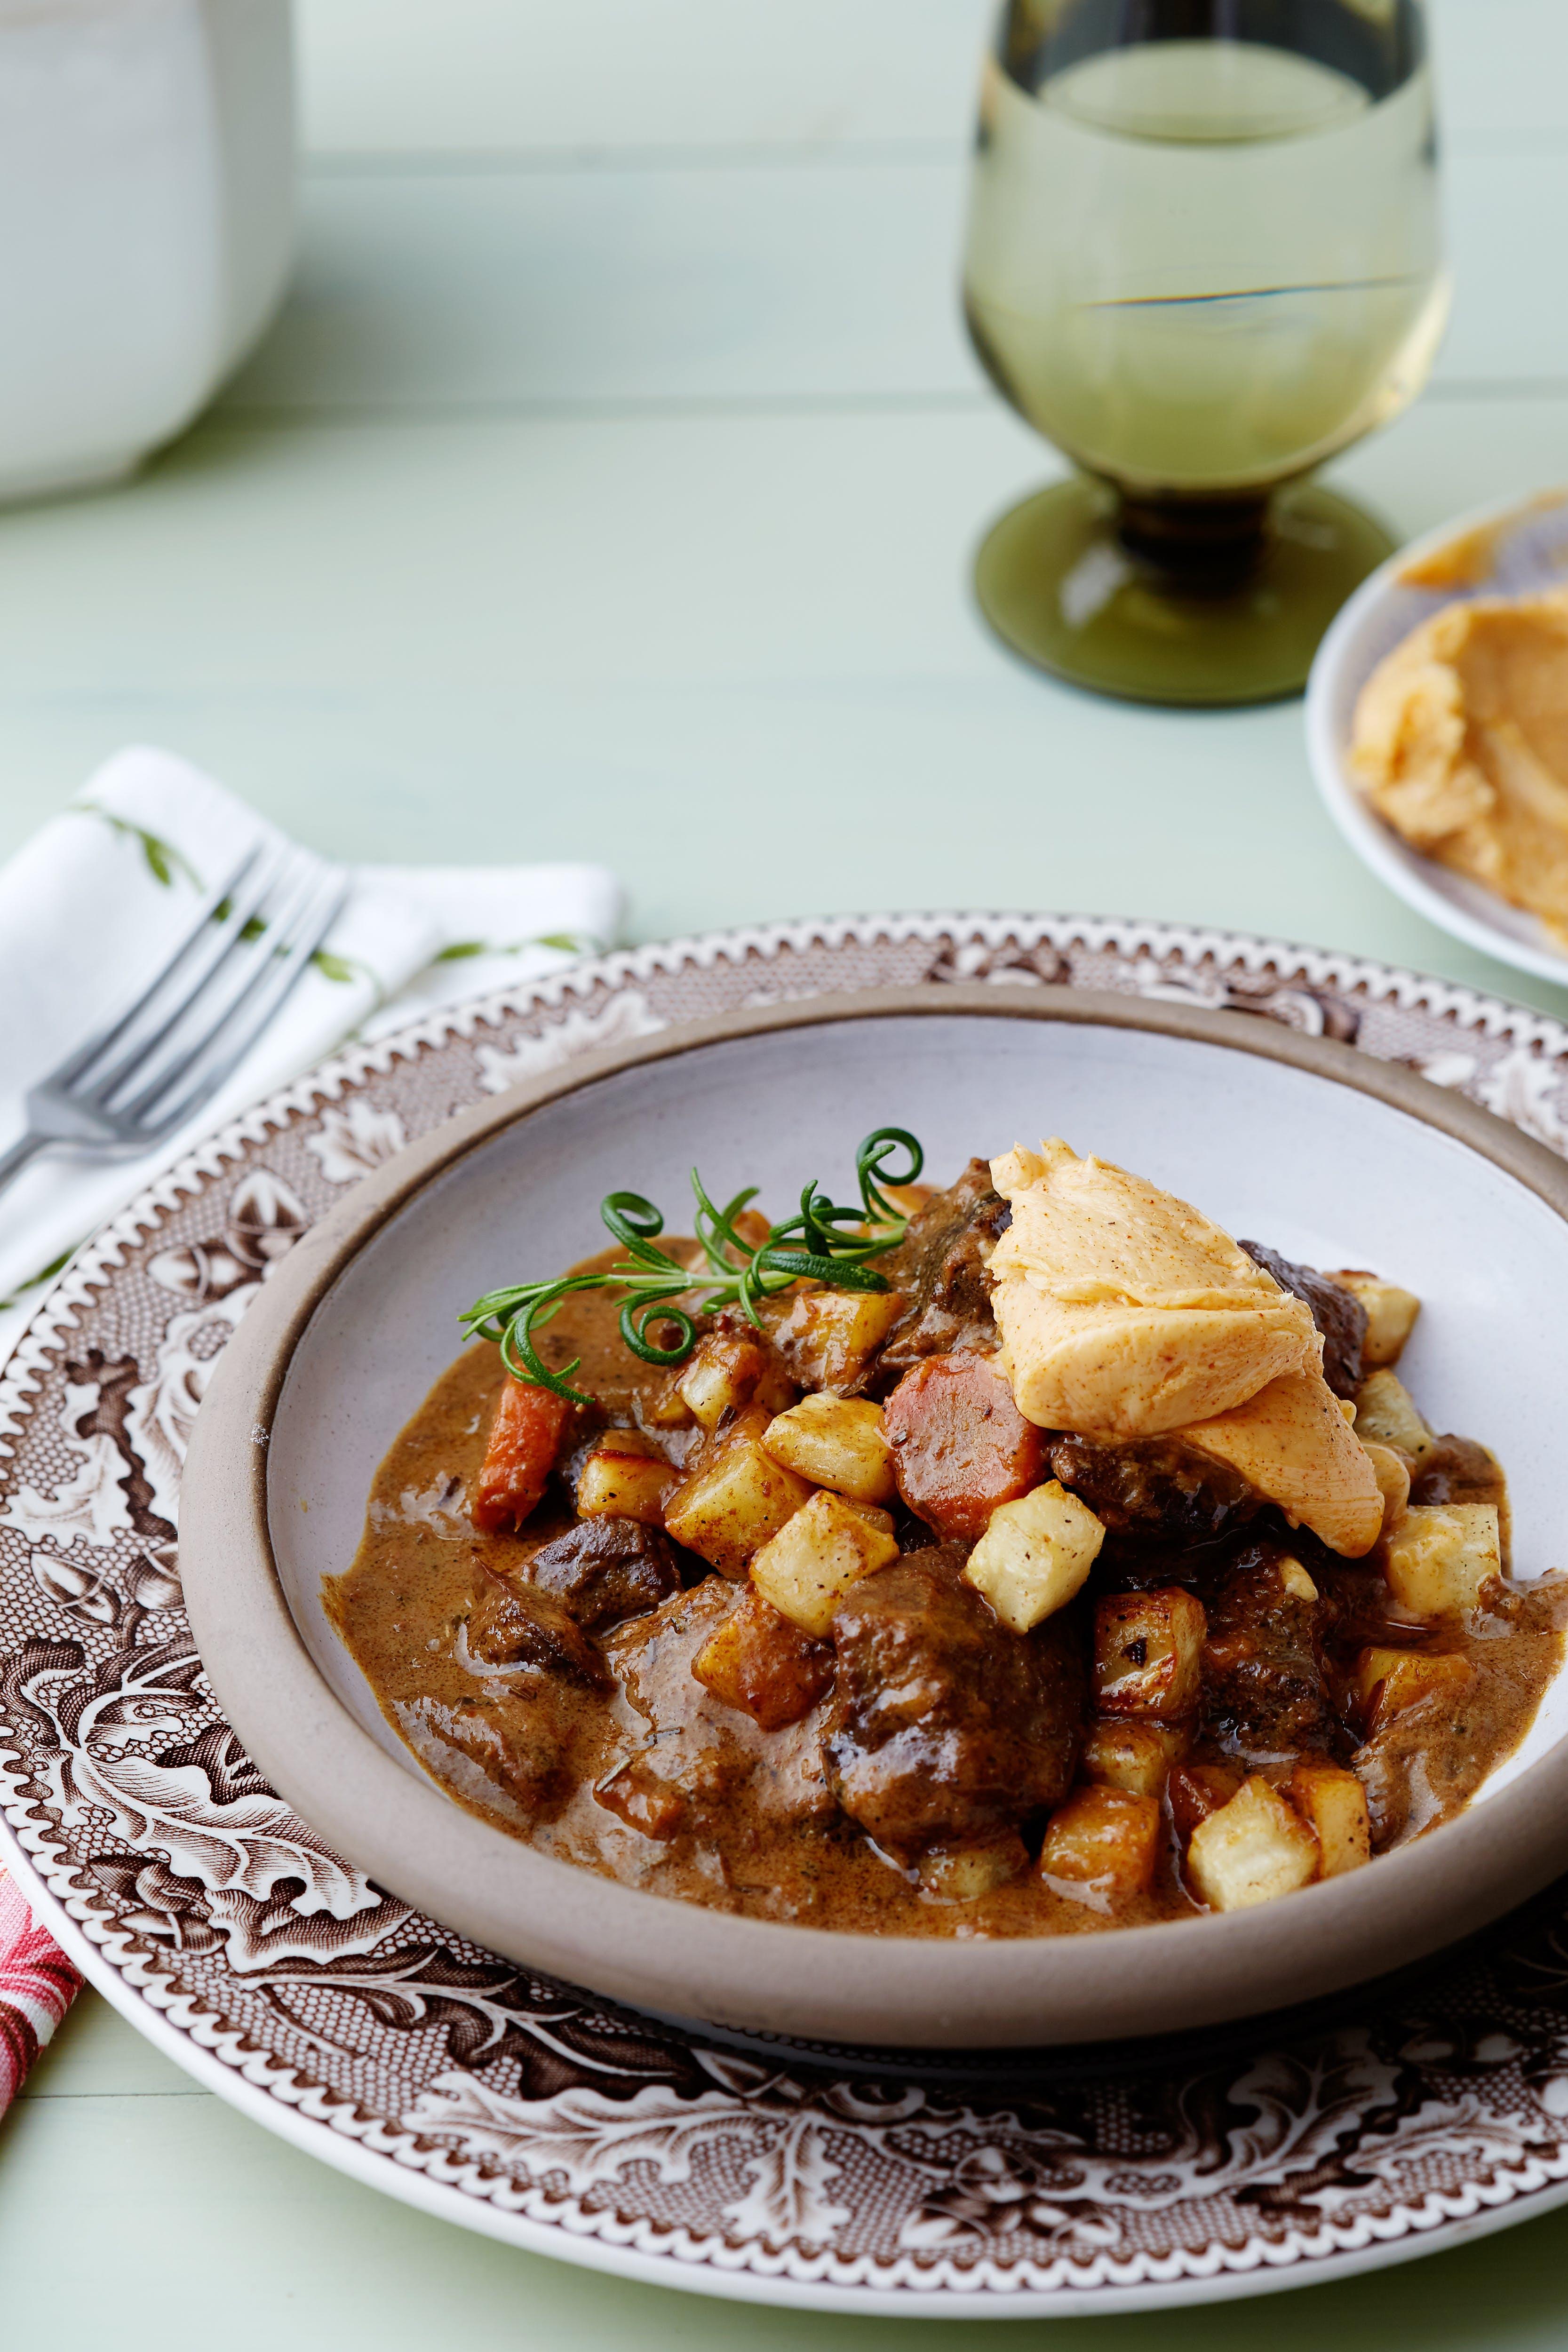 Creamy venison stew